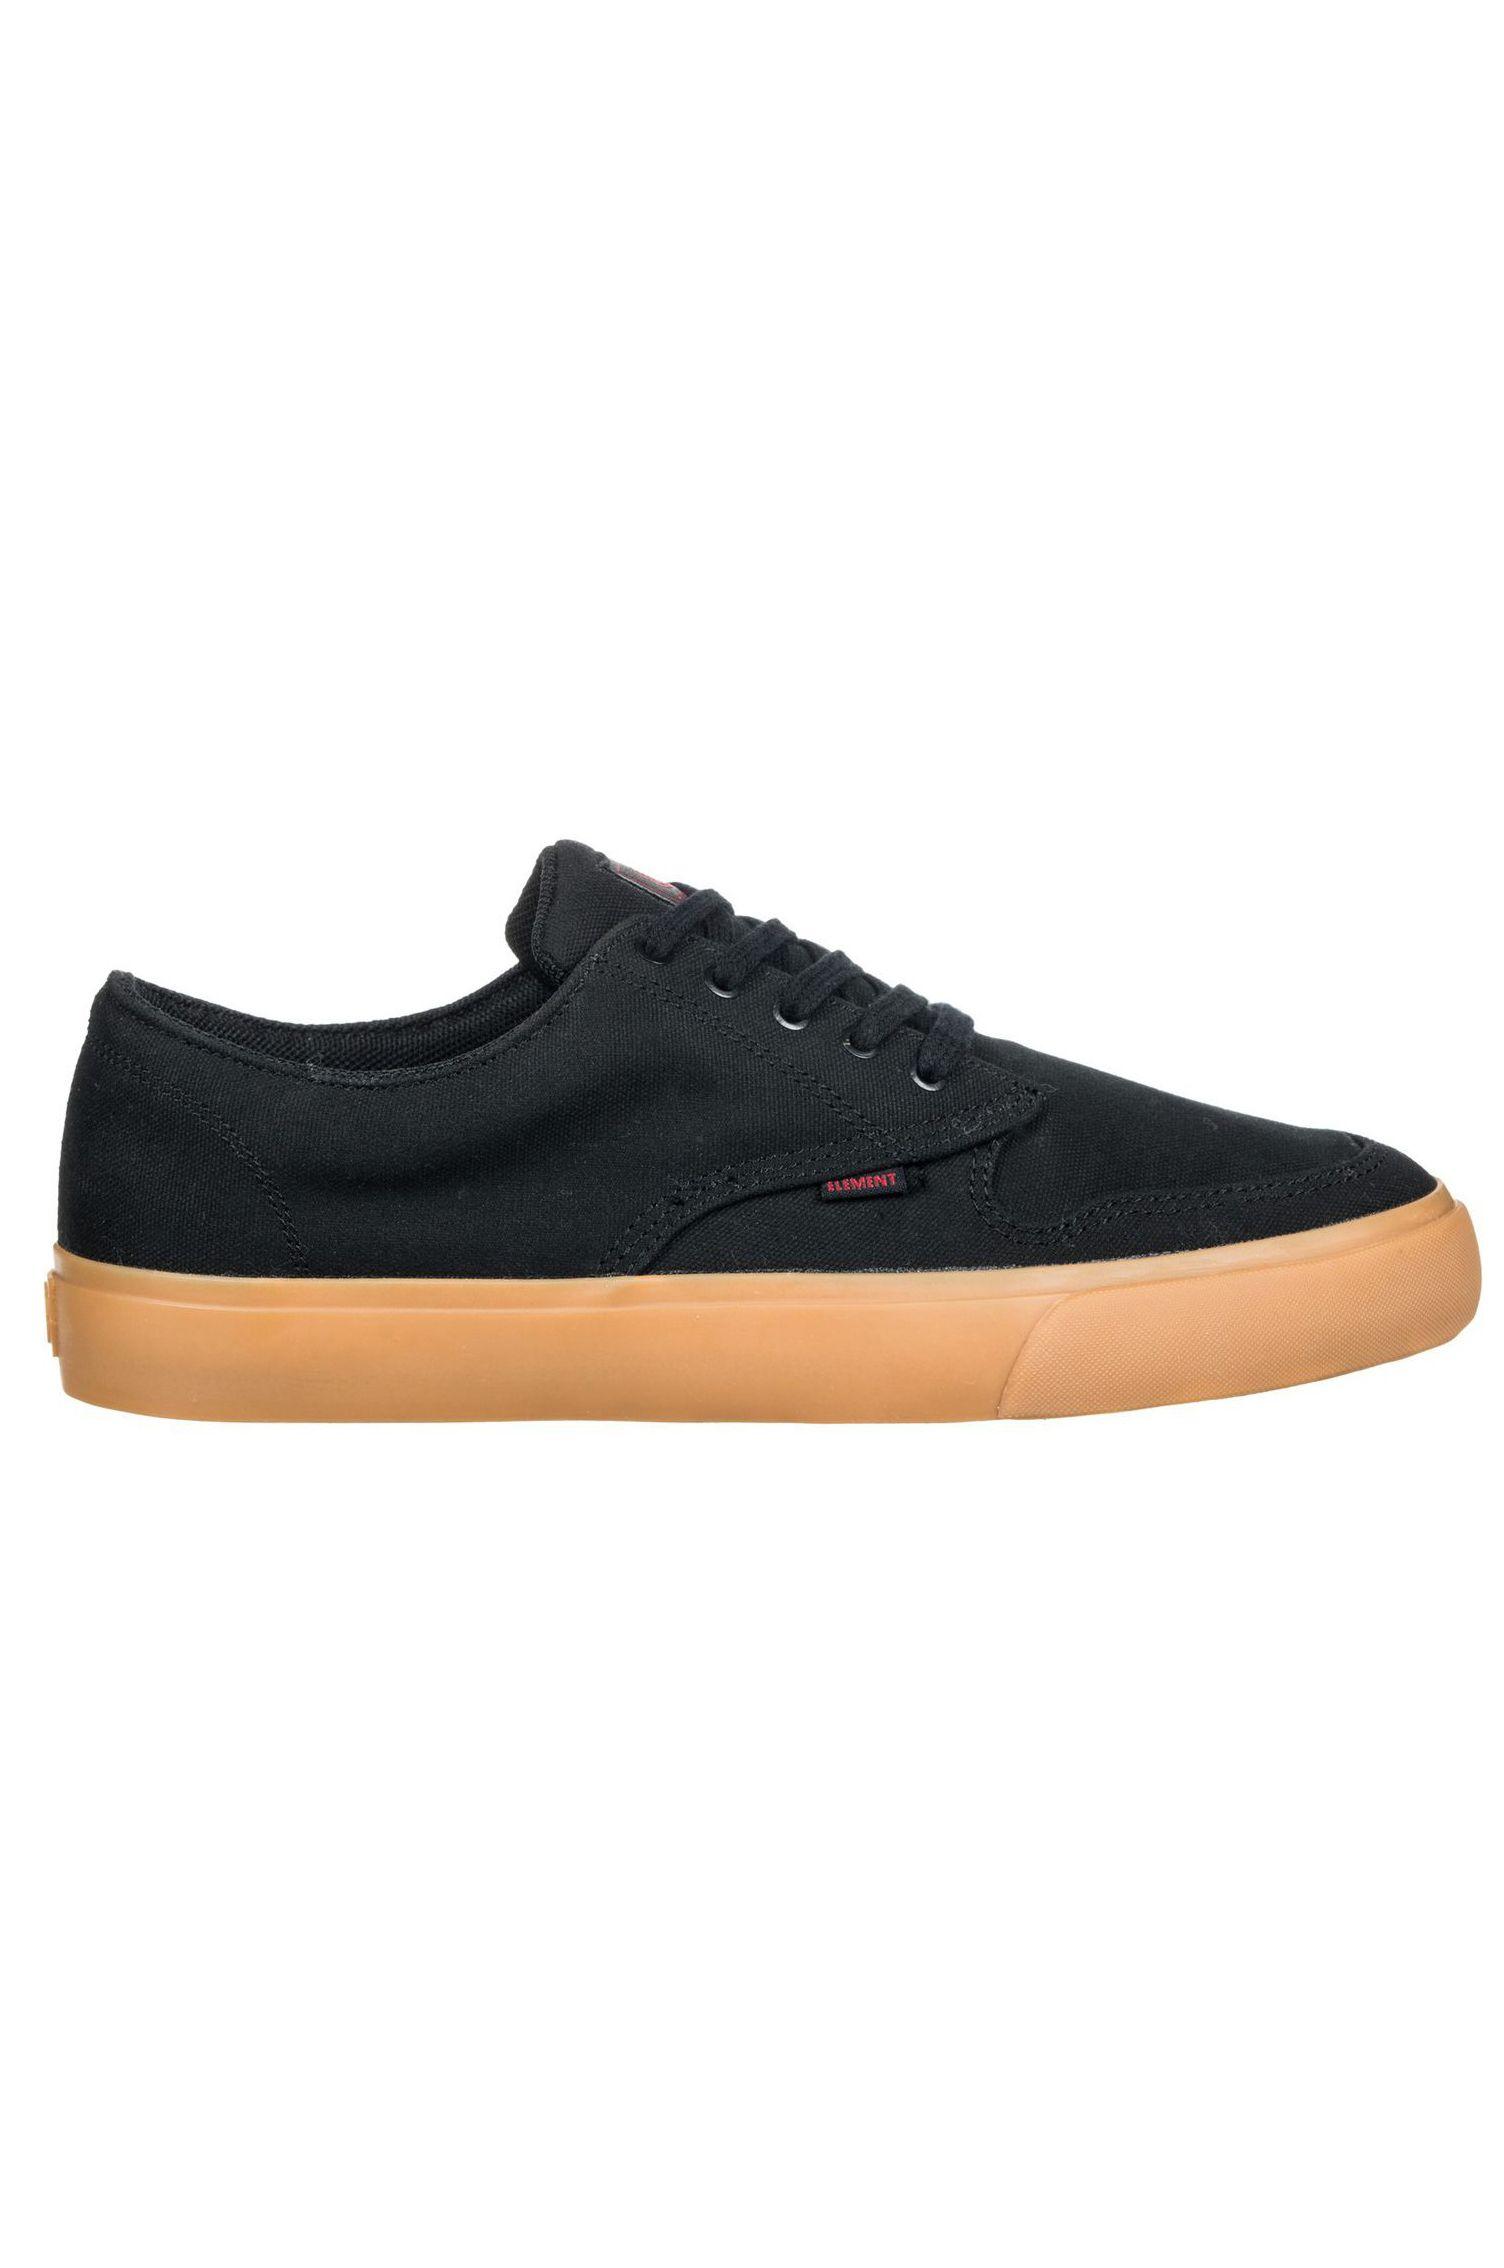 Tenis Element TOPAZ C3 Black Gum Red